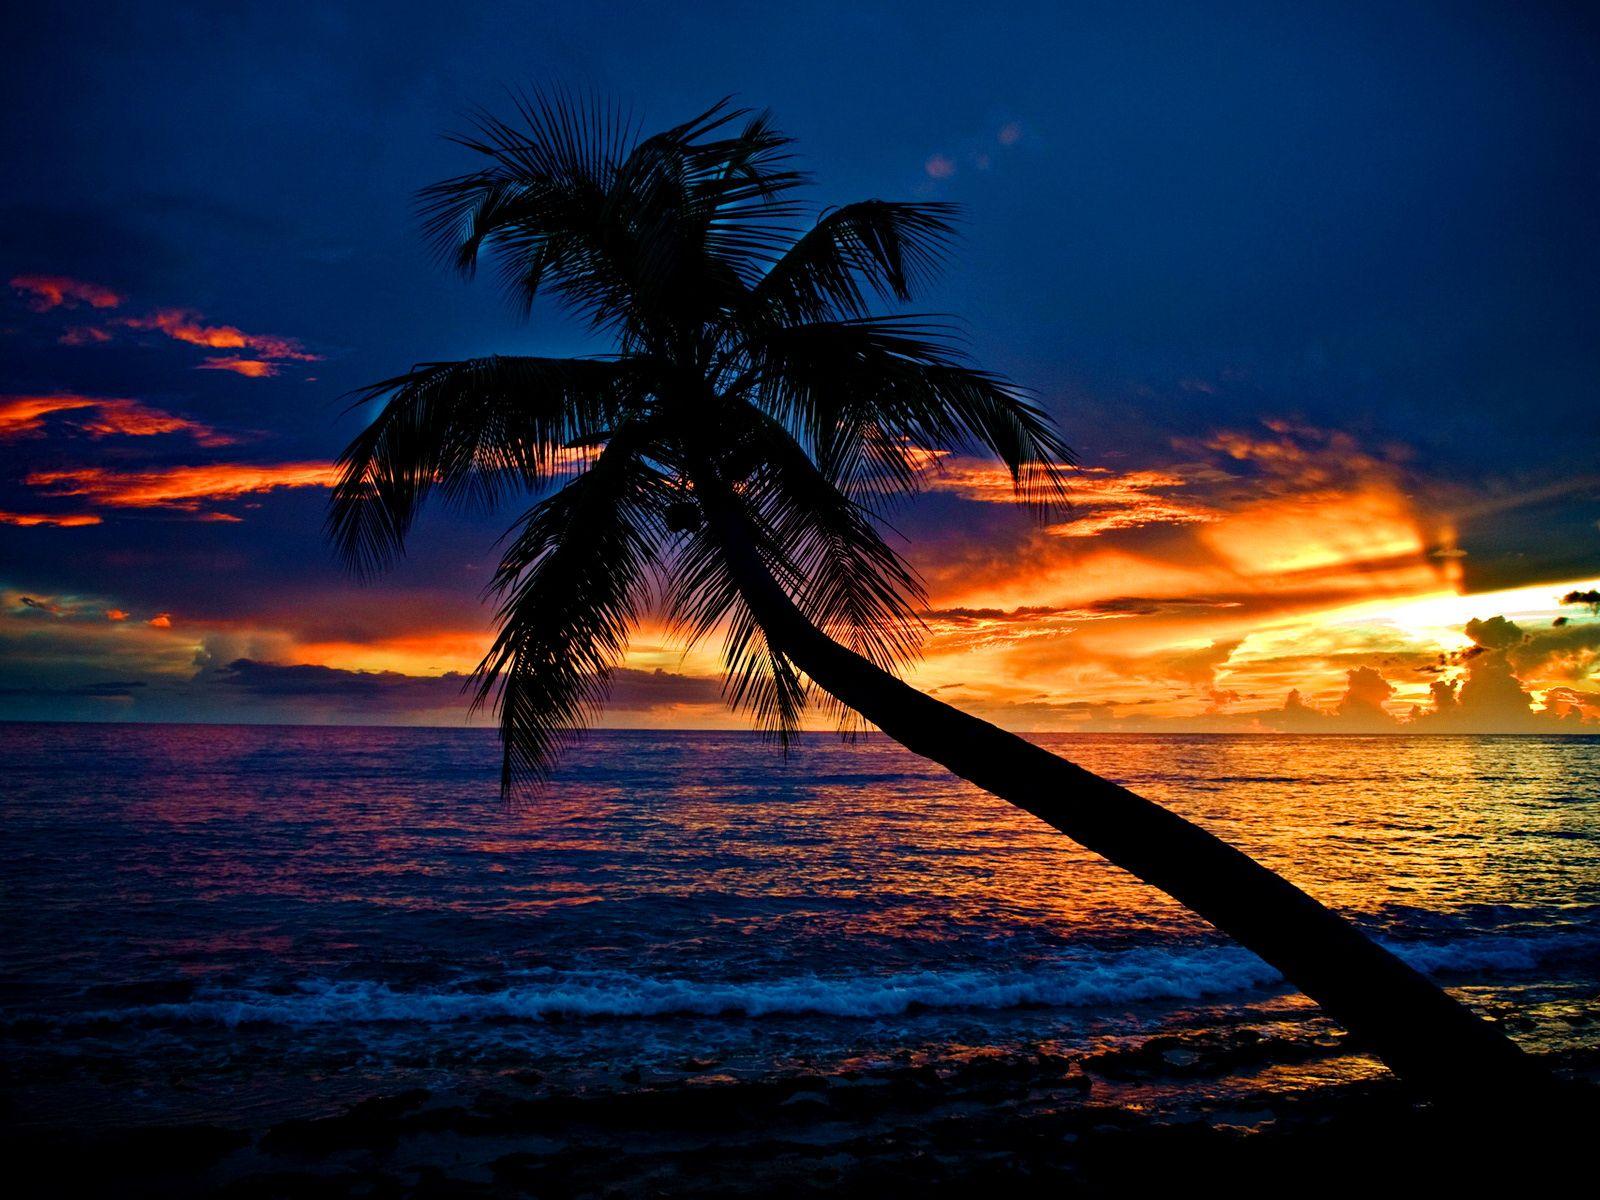 The palm Beach wallpaper, Sunset wallpaper